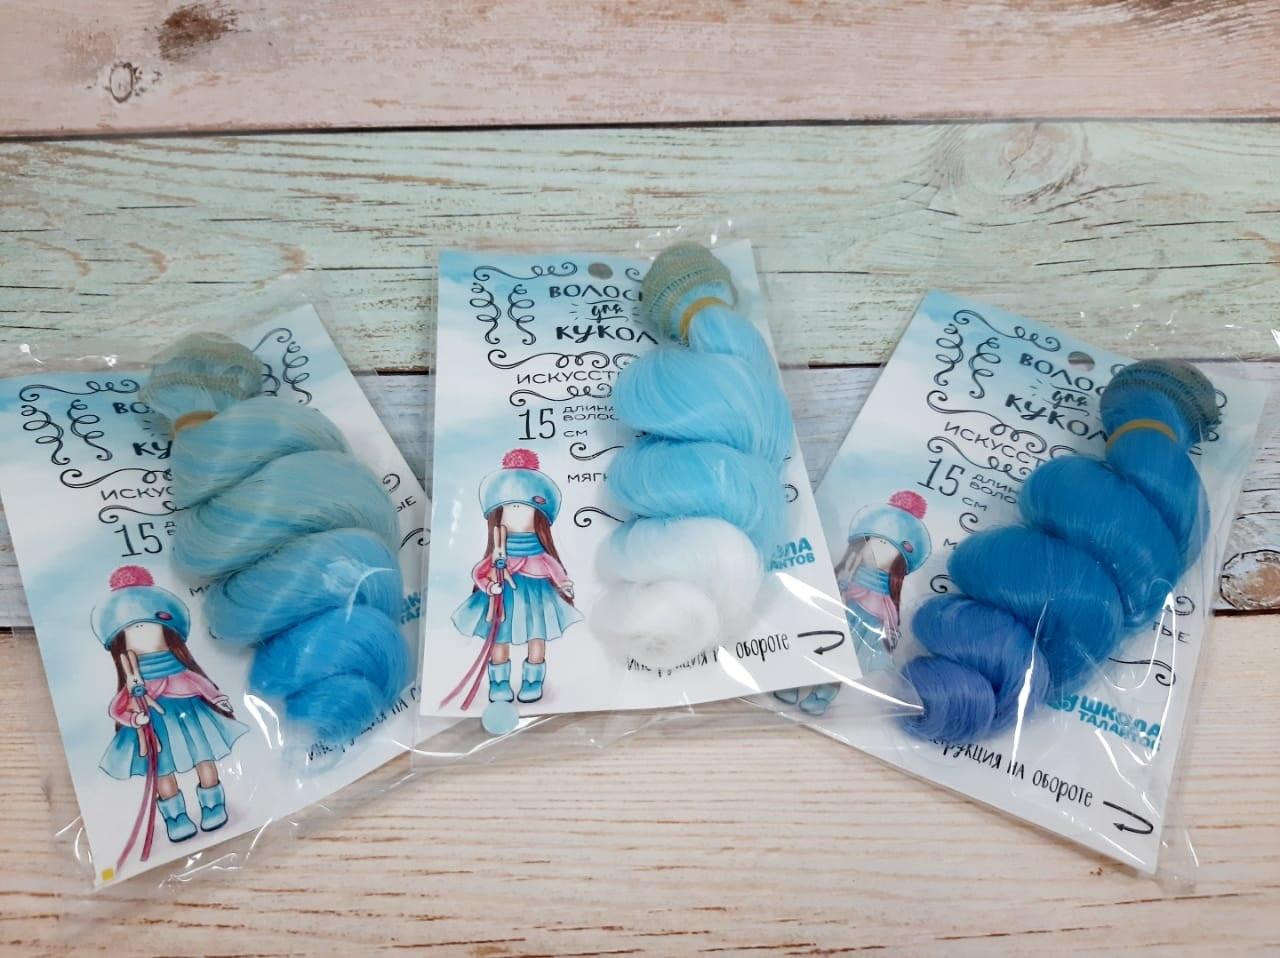 Волосы - тресс для кукол Кудри длина волос 15 см, ширина 100 см, №LSA041 3588502